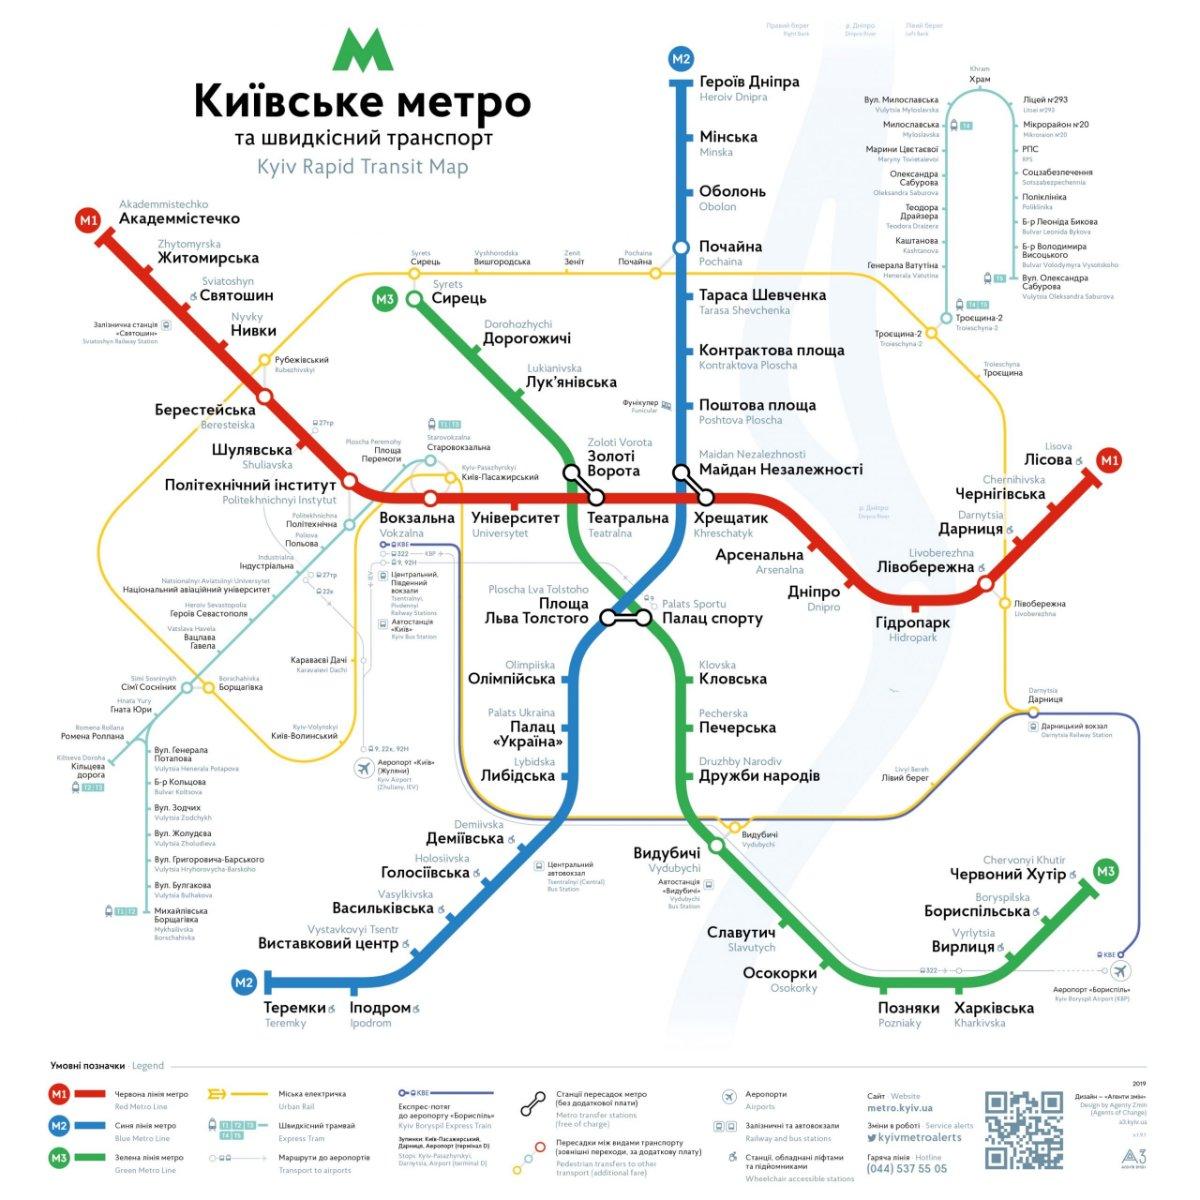 IDMedia Наружная реклама в городе Киев (Киевская область), Метро Digital в городе Киев №238998 схема